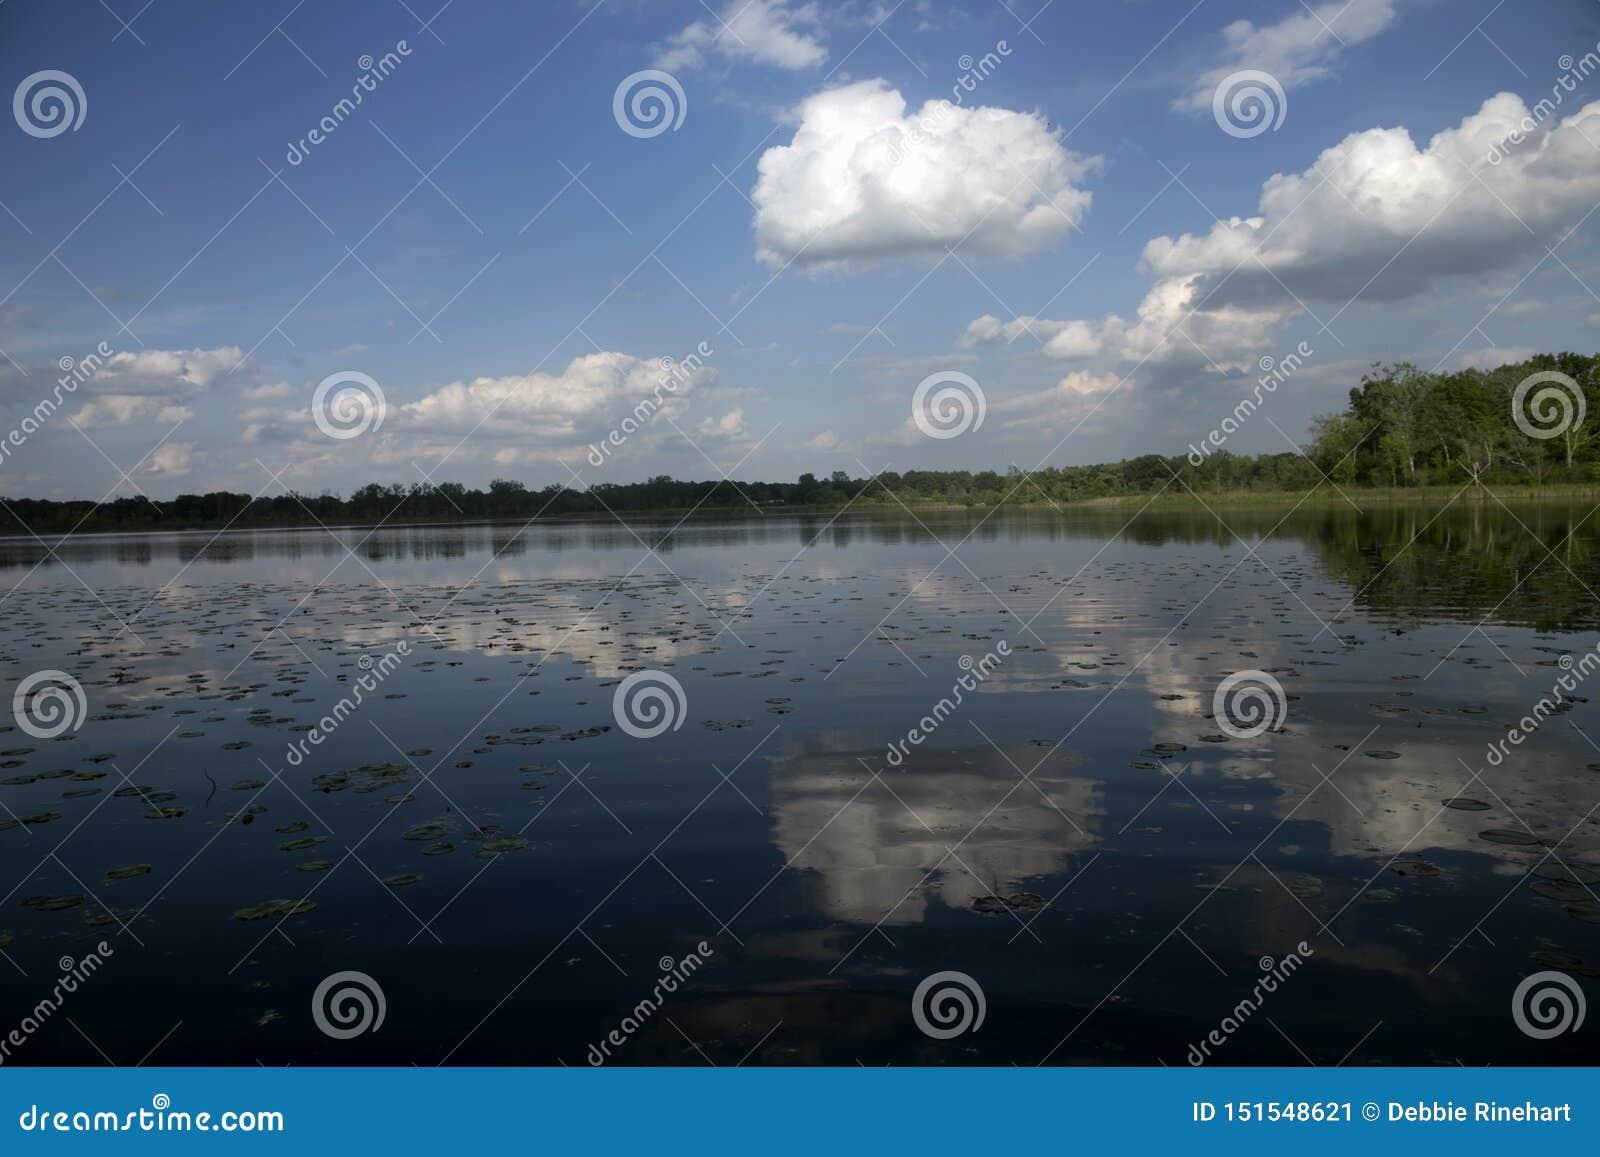 Sommerreflexion von Wolken in einem See in Michigan